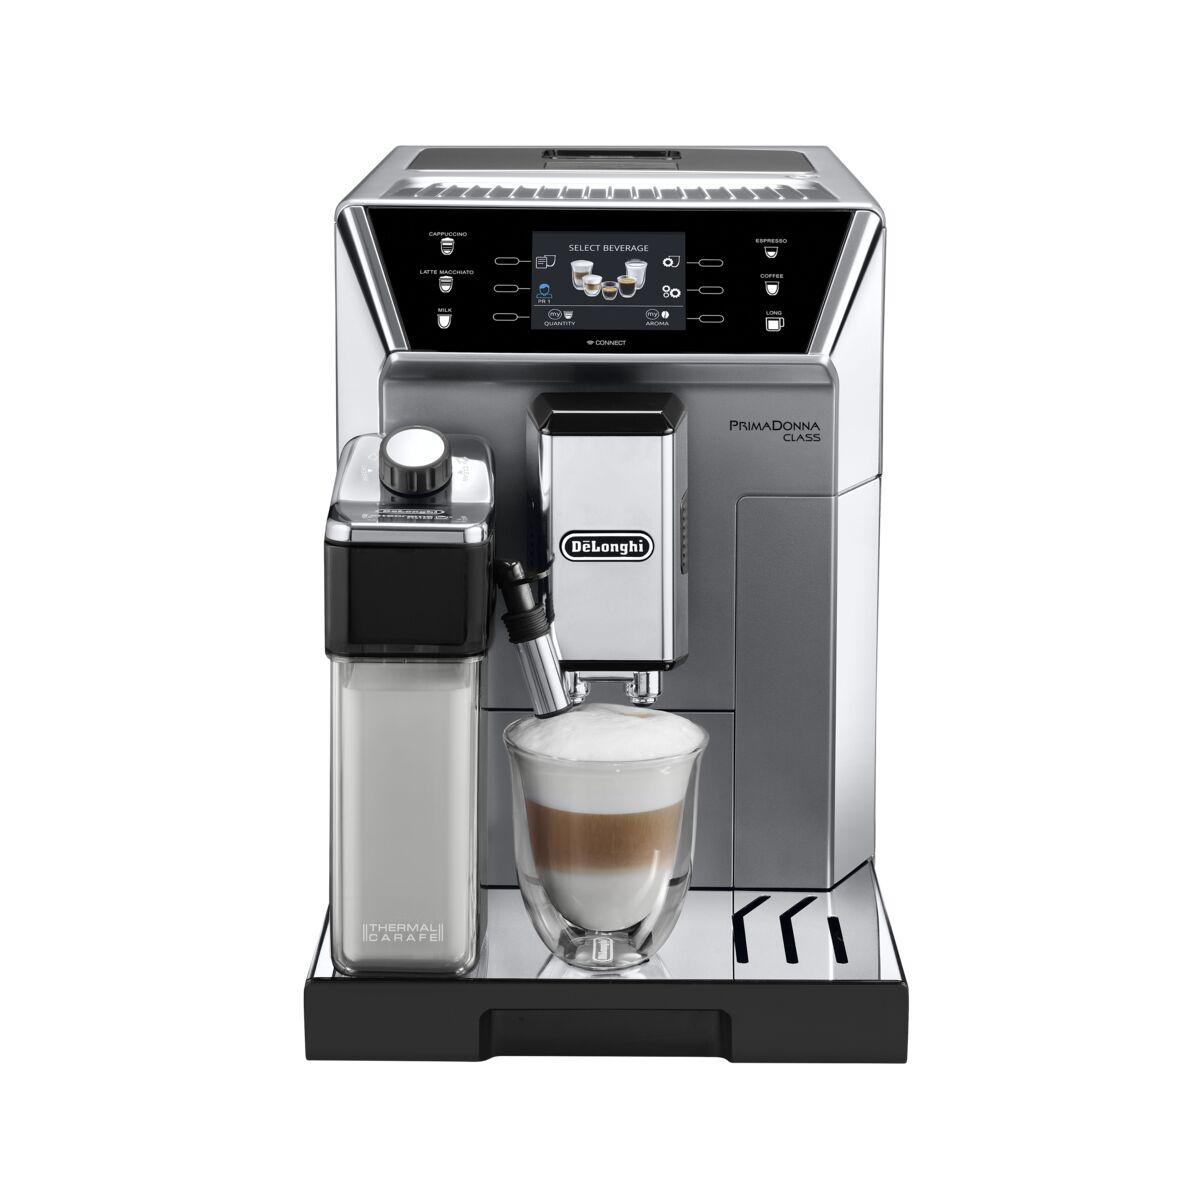 delonghi prima donna class ماكينة قهوة ديلونجي ساكو